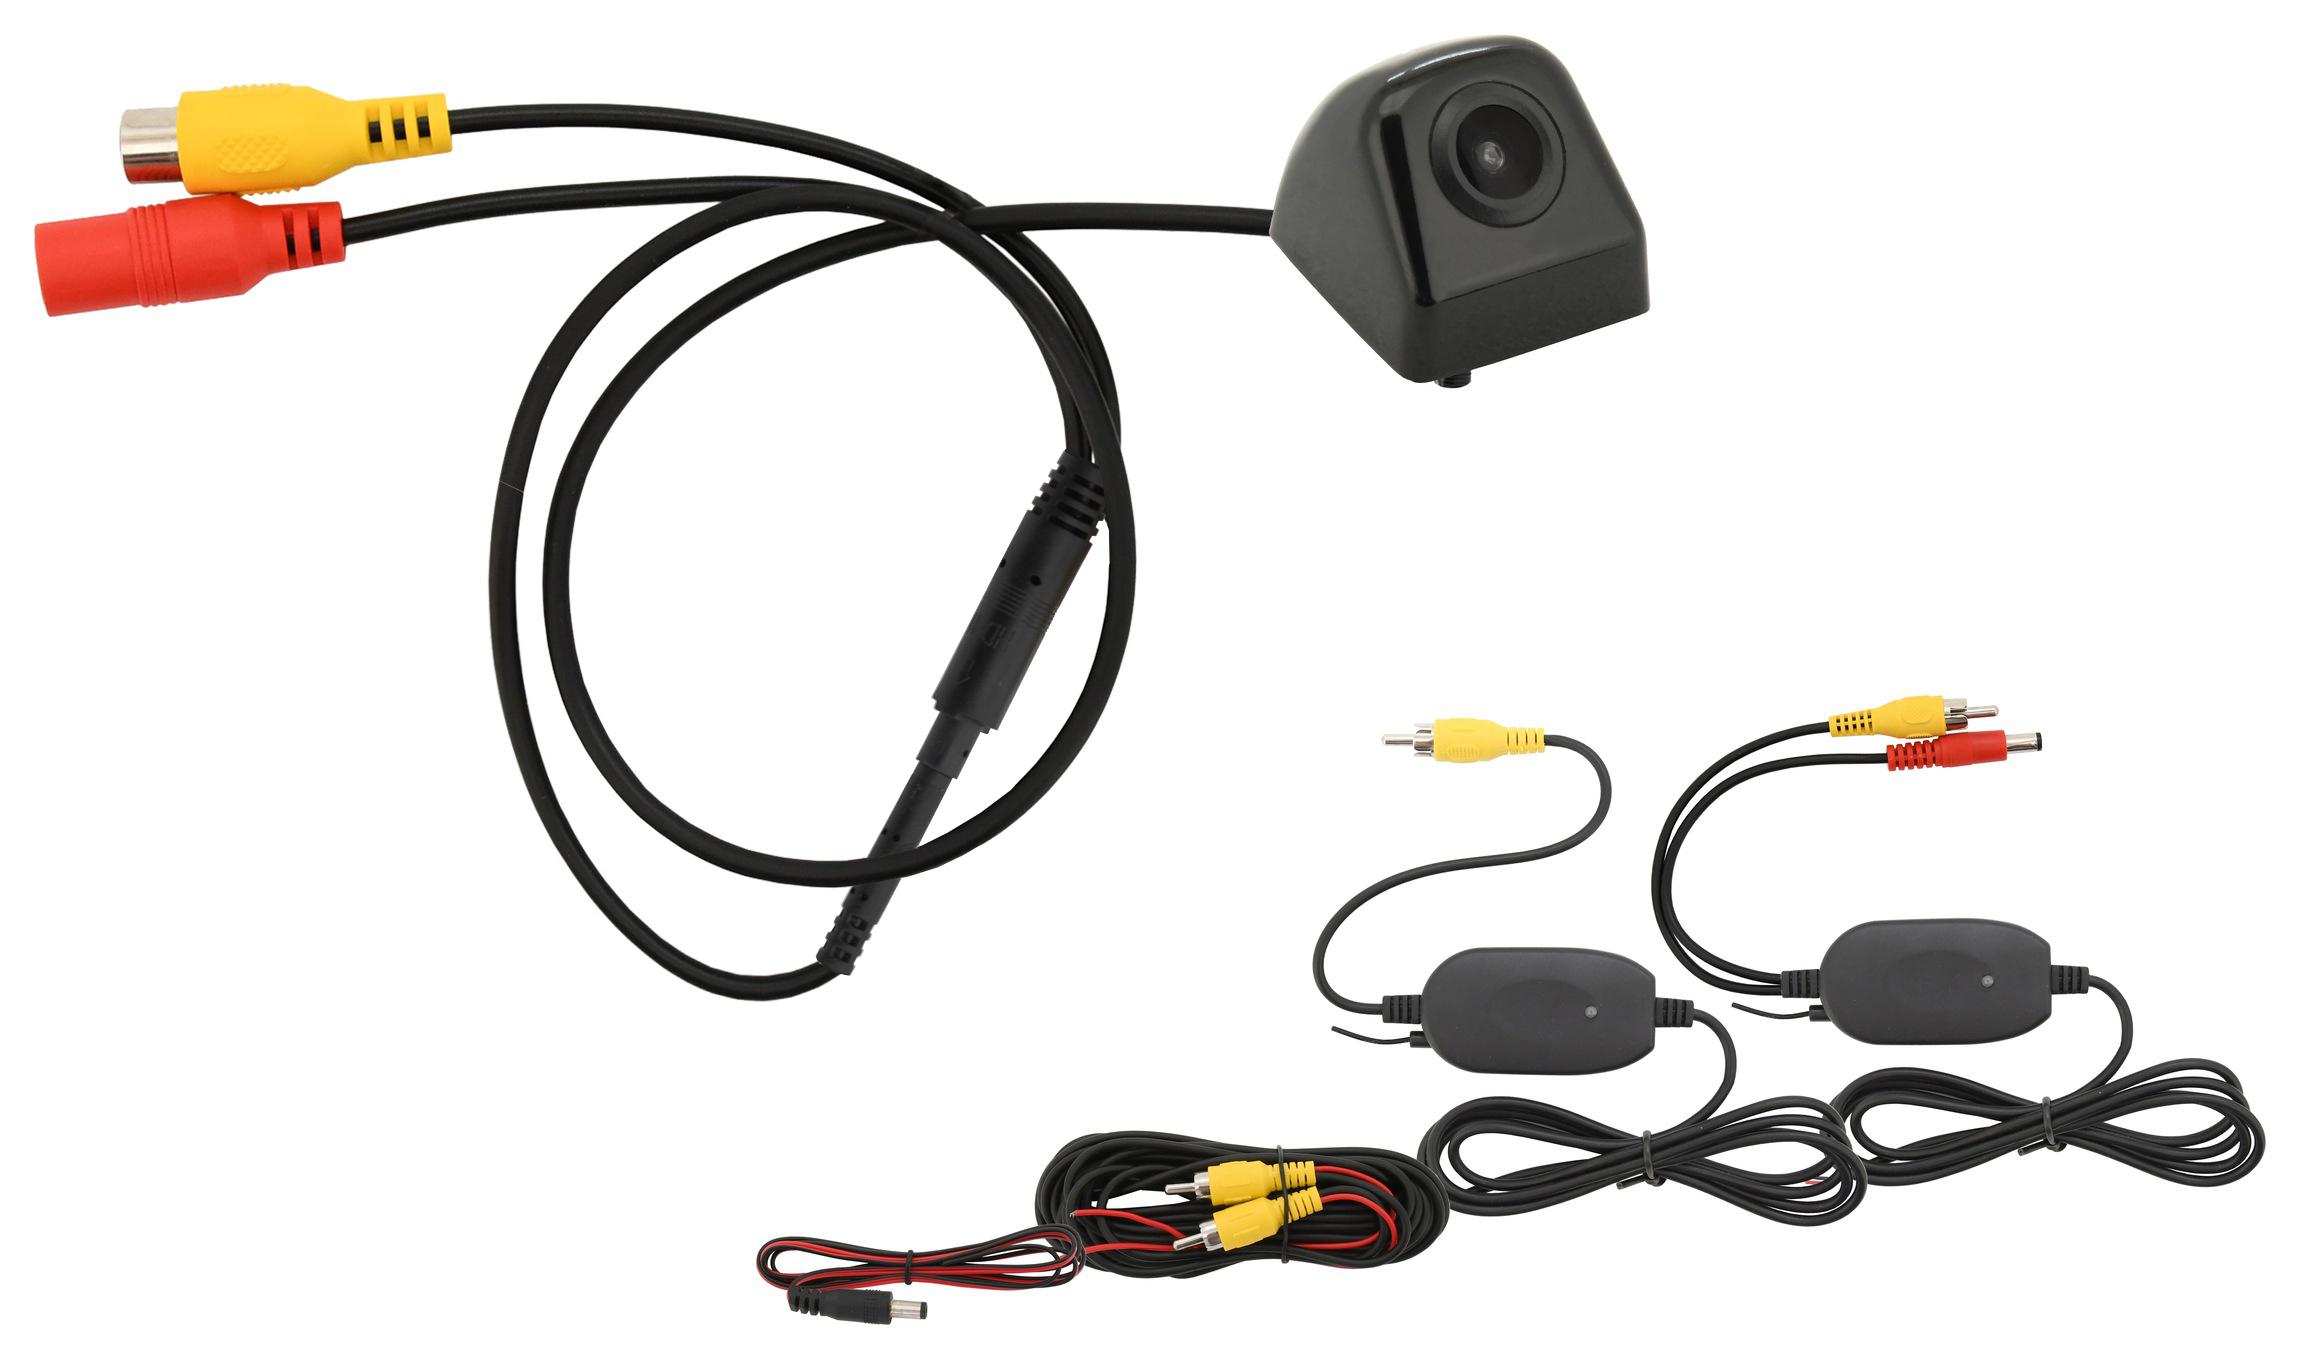 Parkovací kamera ANGLE bezdrátová skloněná, 33593